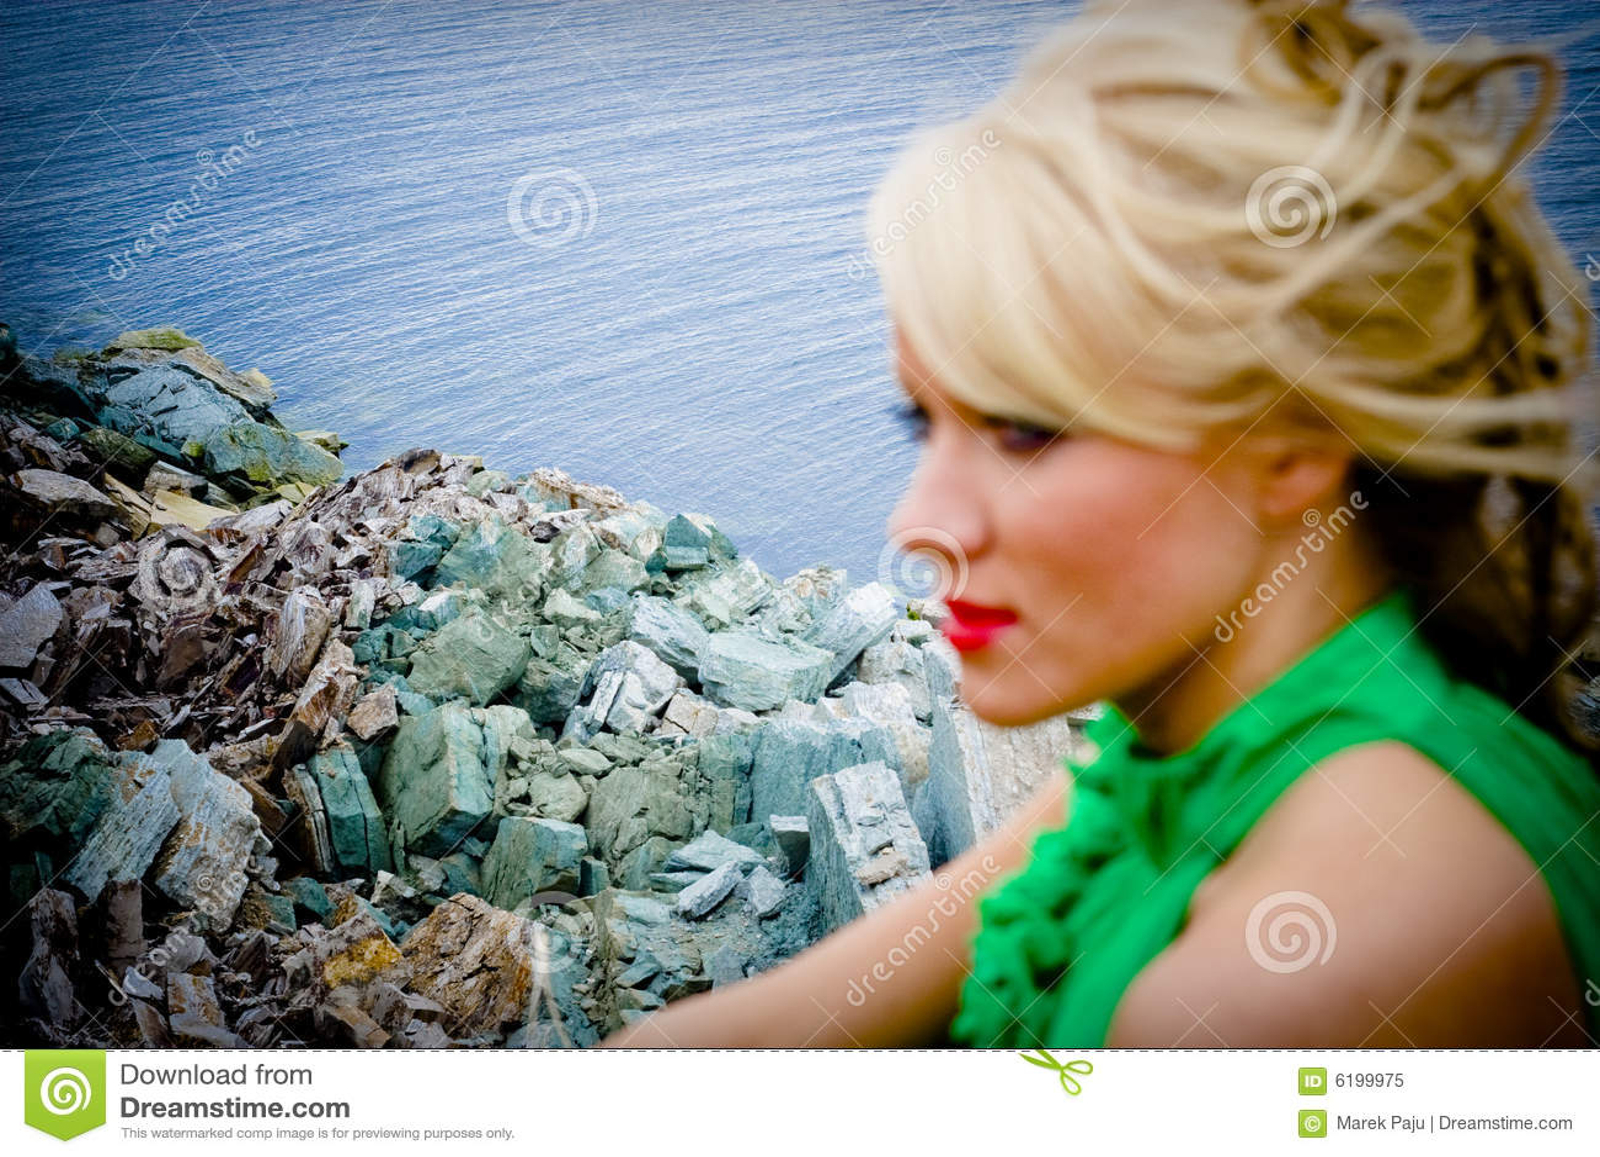 Donna in mare - donna-mare-6199975